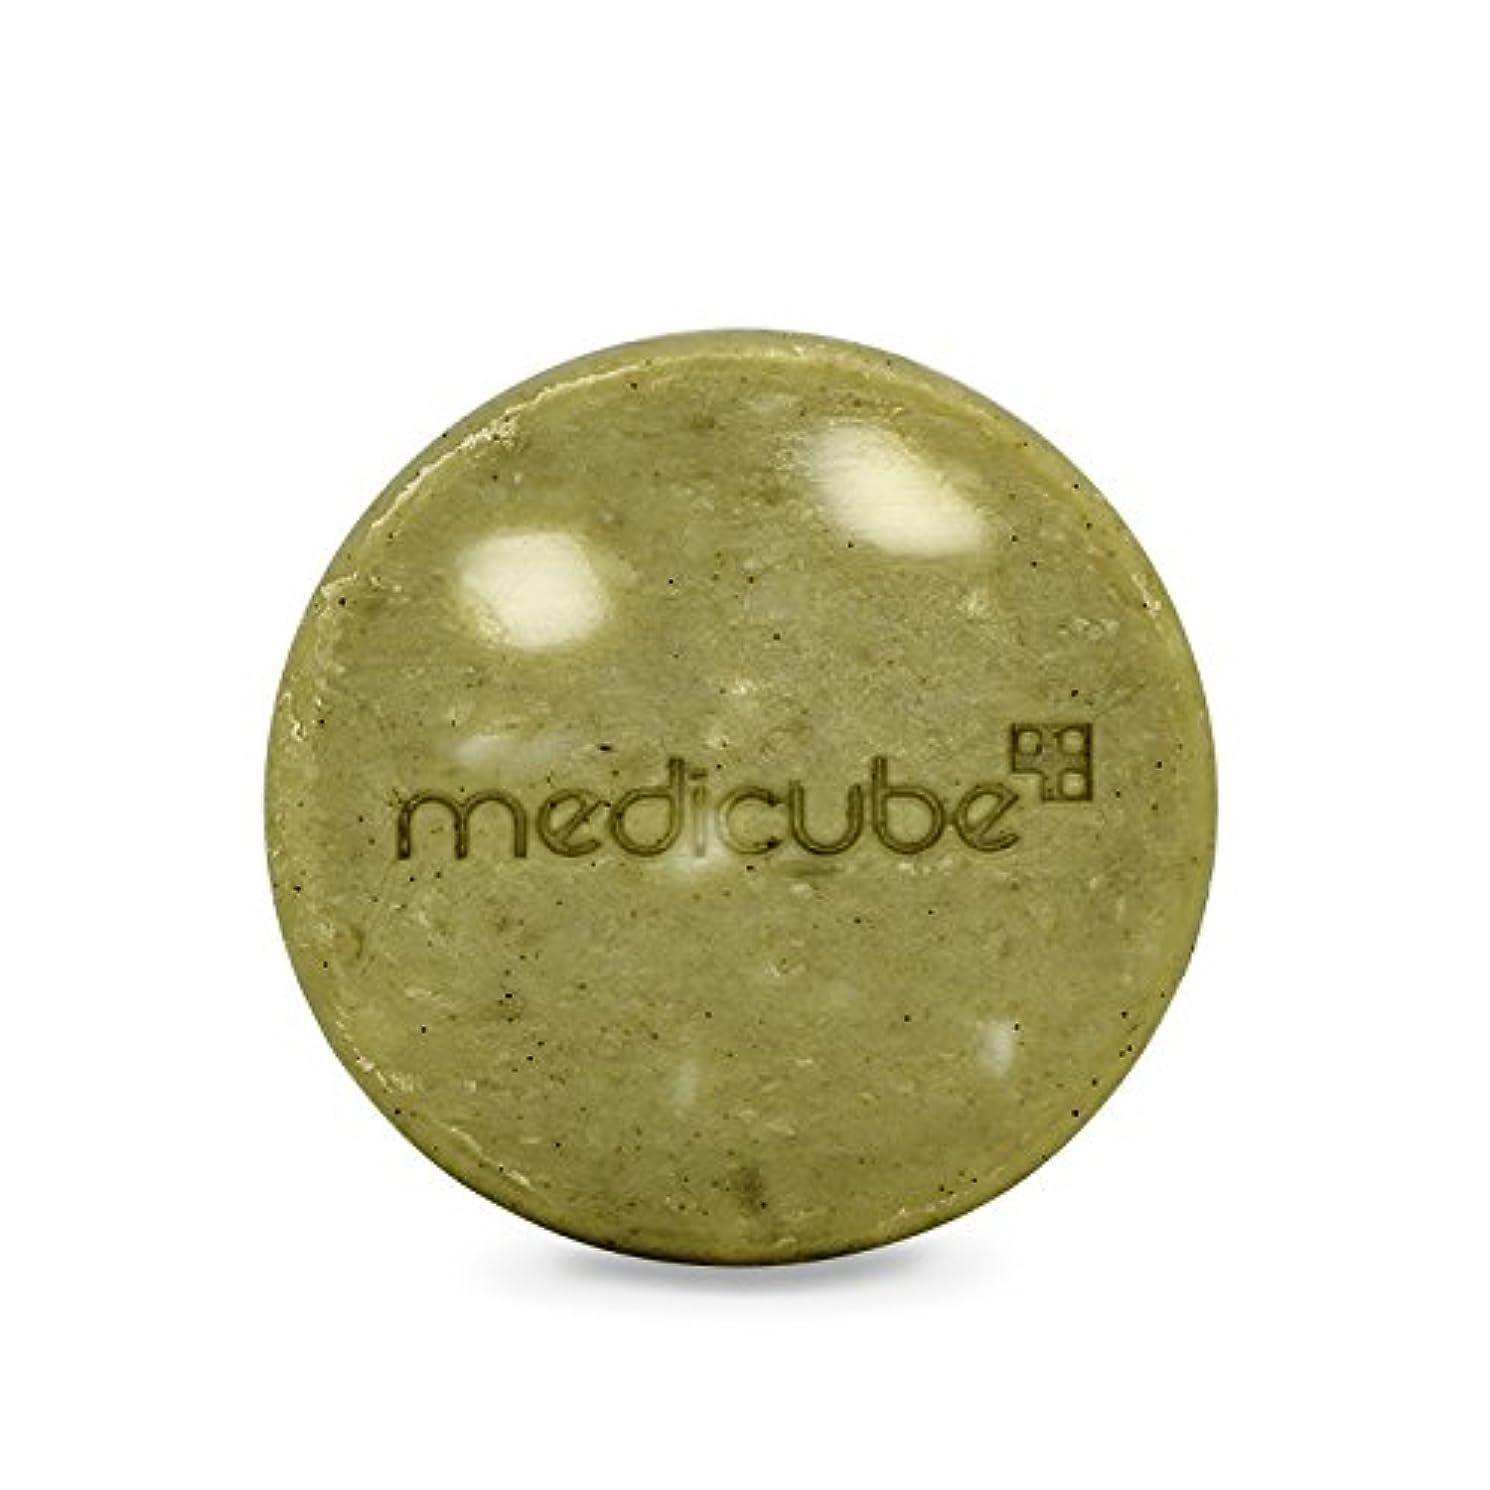 電圧接辞汚い[Medicube]Red Body Bar / メディキューブレッドボディバー / 正品?海外直送商品 [並行輸入品]